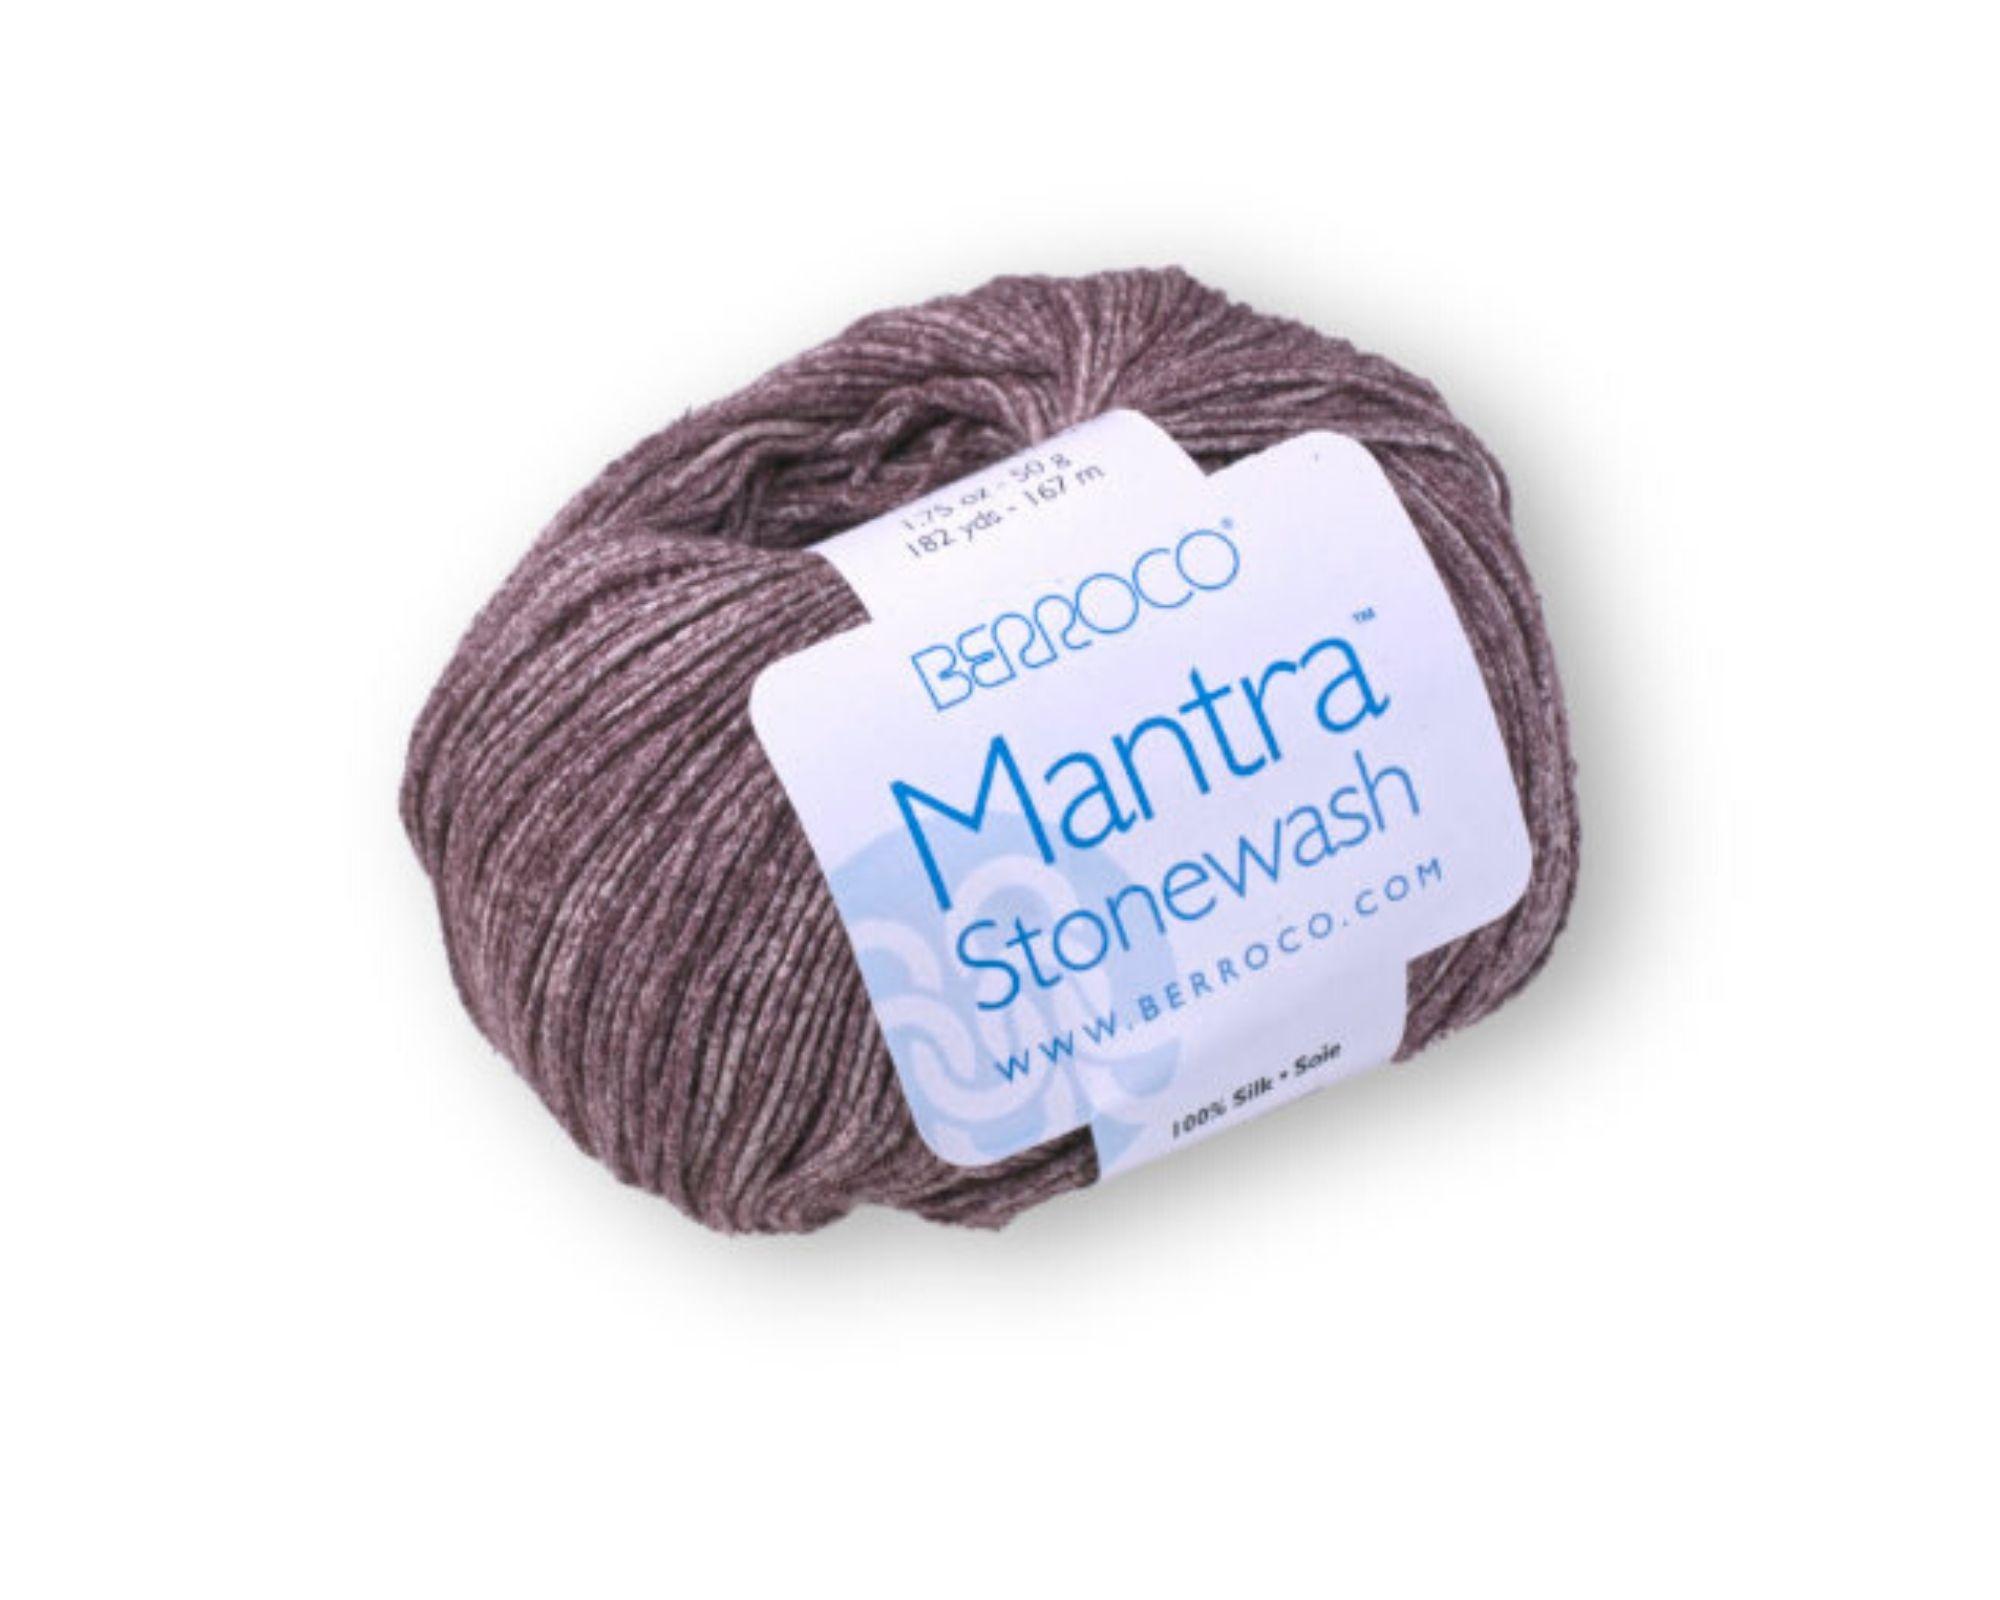 Berroco Berroco Mantra Stonewash